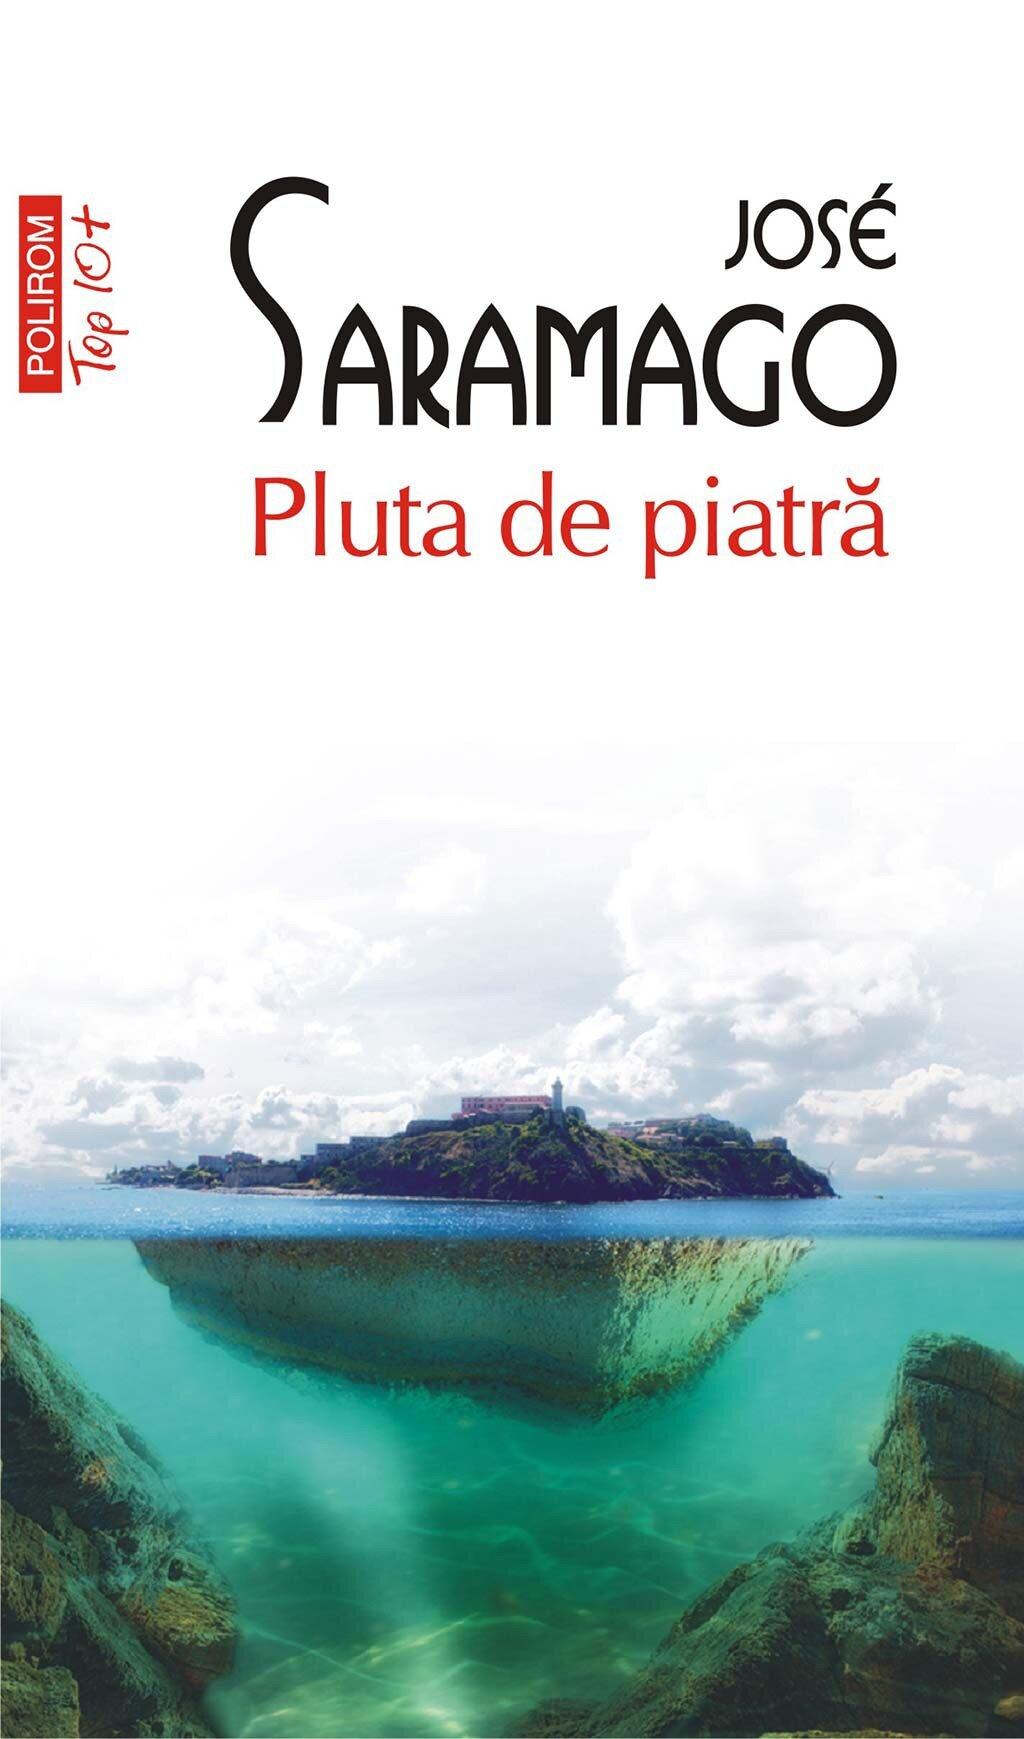 Pluta de piatra PDF (Download eBook)